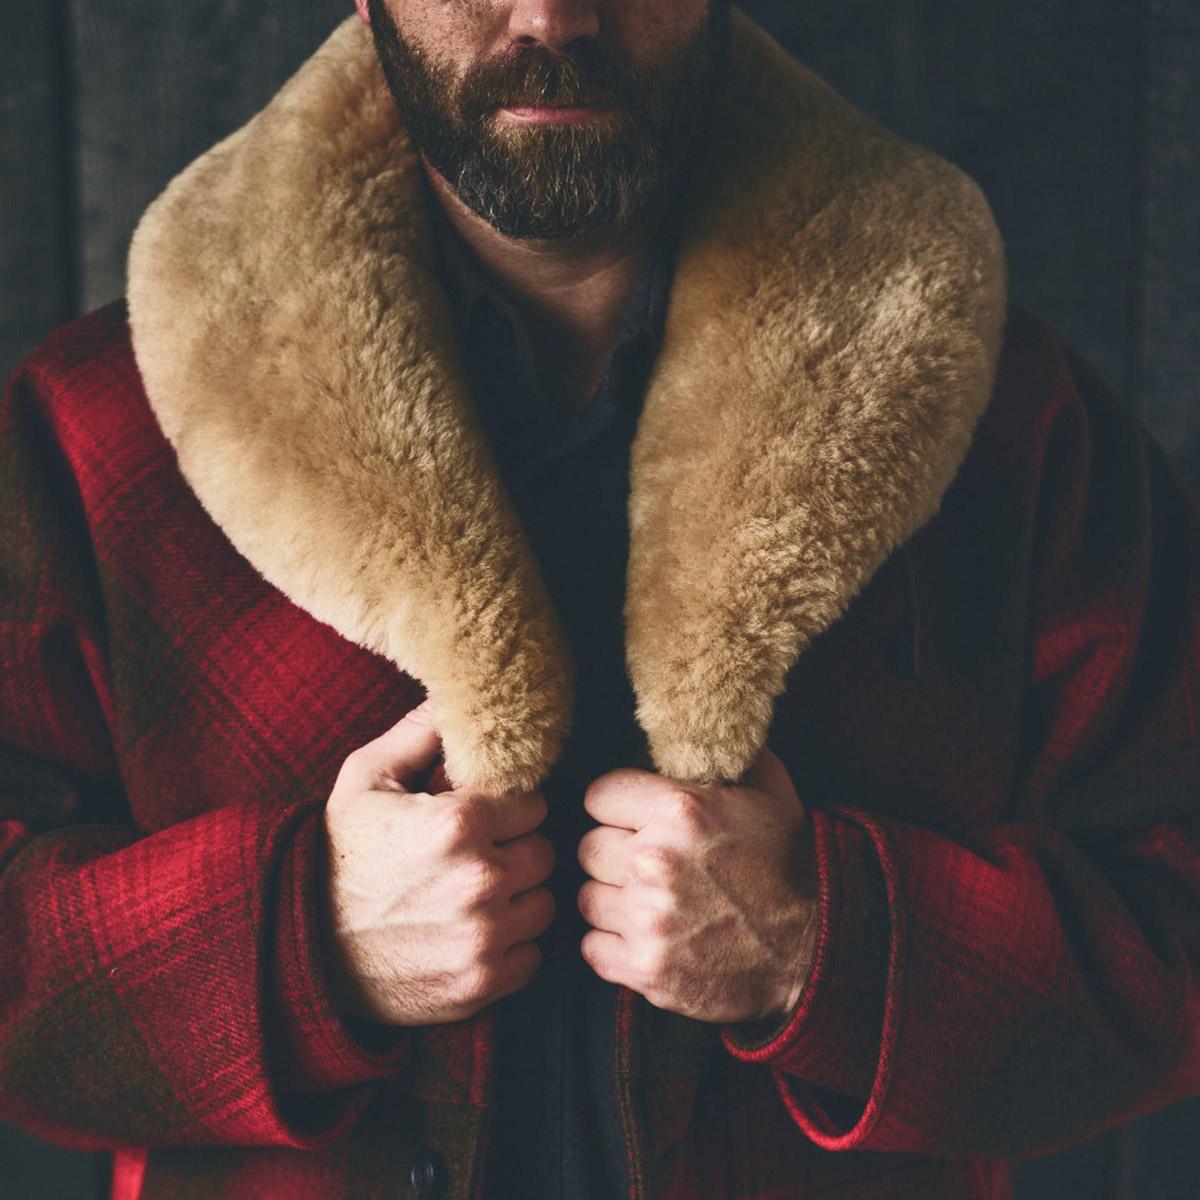 Filson Lined Wool Packer Coat Red/Green/Dark Brown, gemaakt met scheerwol voor comfort, natuurlijke waterafstotendheid en isolerende warmte in alle weersomstandigheden